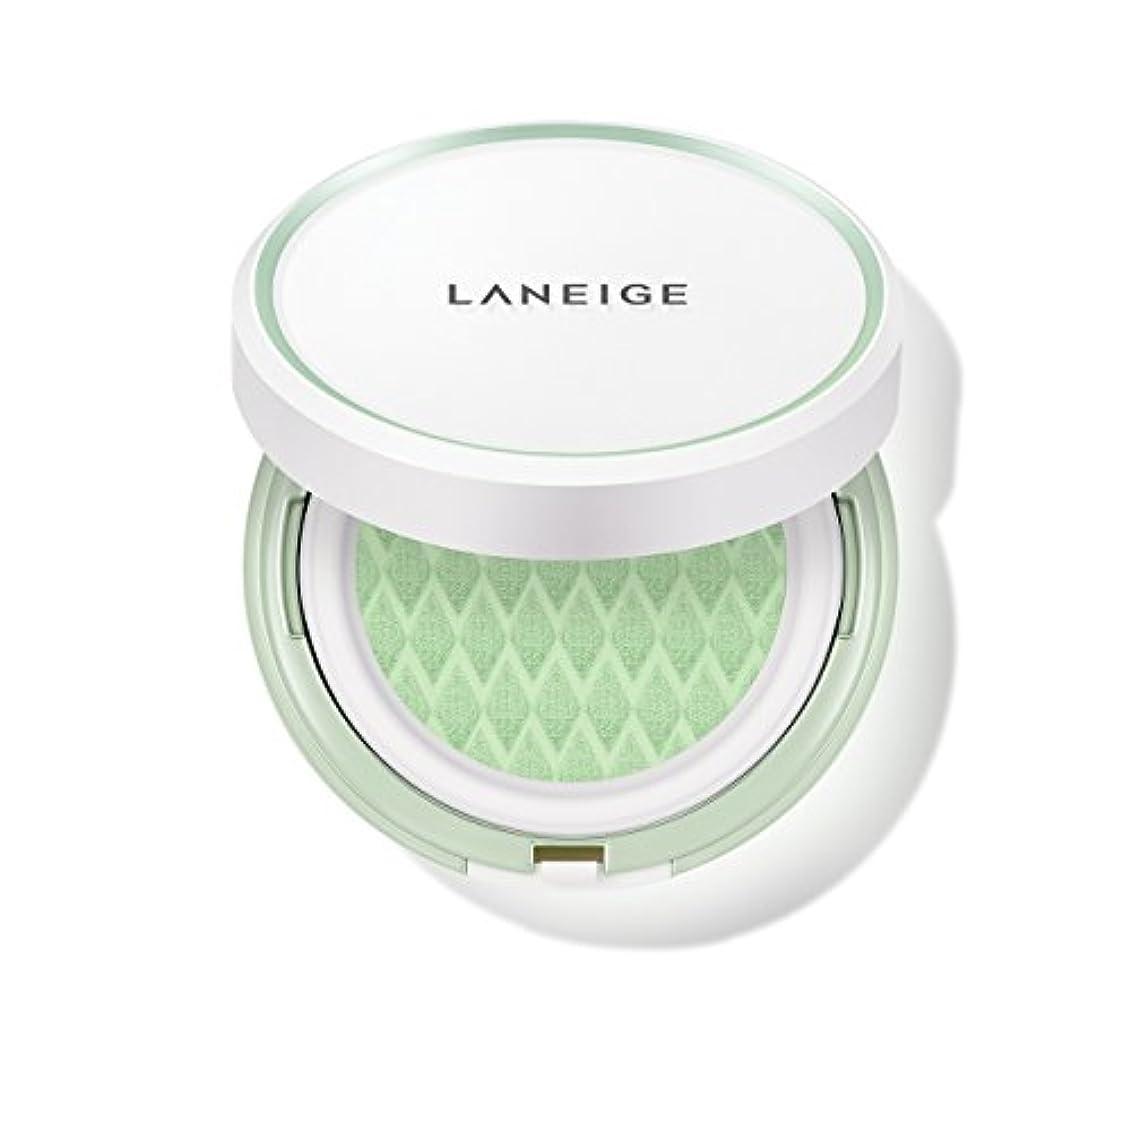 甘くする水平道路ラネージュ[LANEIGE]*AMOREPACIFIC*[新商品]スキンベなベースクッションSPF 22PA++(#60 Light Green) 15g*2 / LANEIGE Skin Veil Base Cushion...